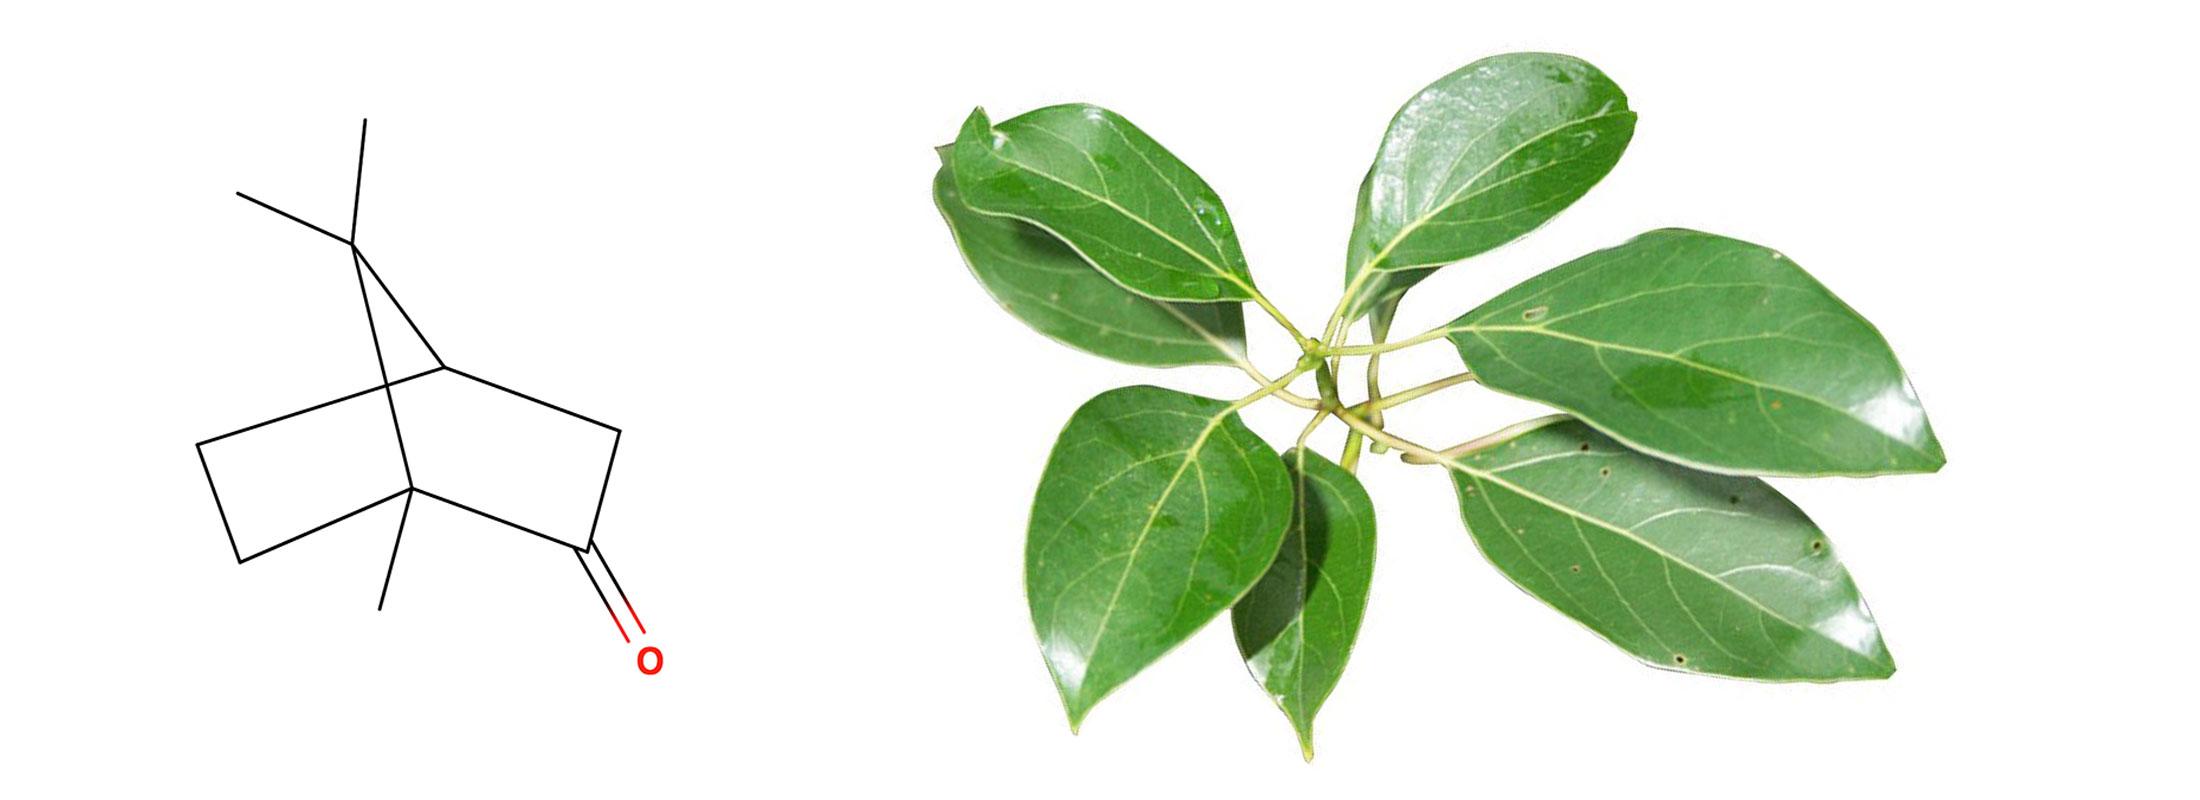 Floraplex - What is Camphor?